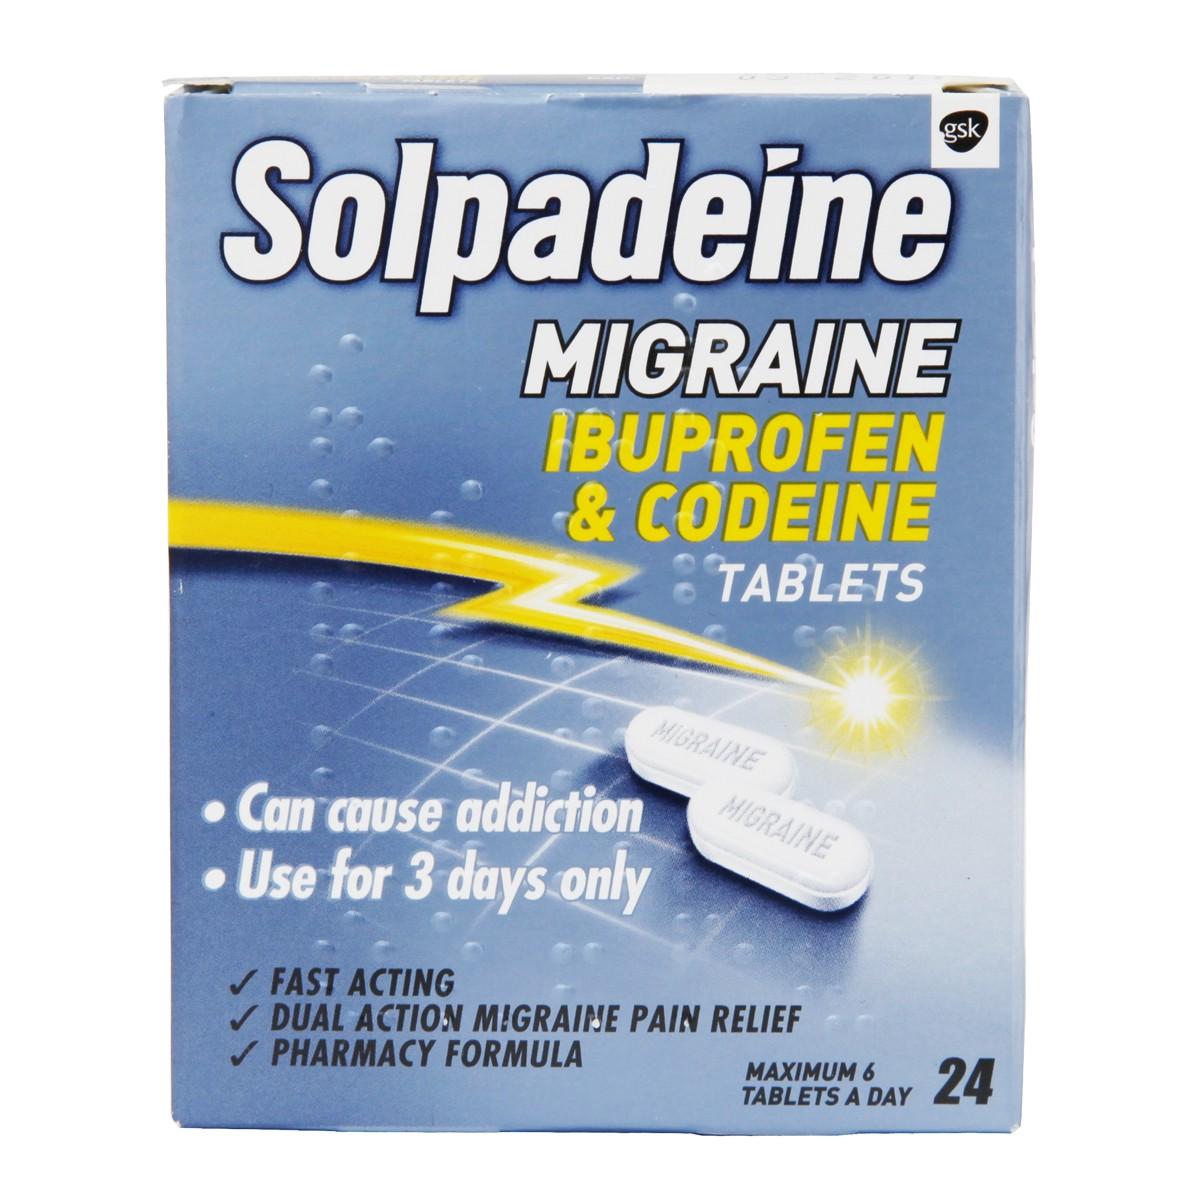 Solpadeine Migraine Ibuprofen & Codeine Tablets 200mg